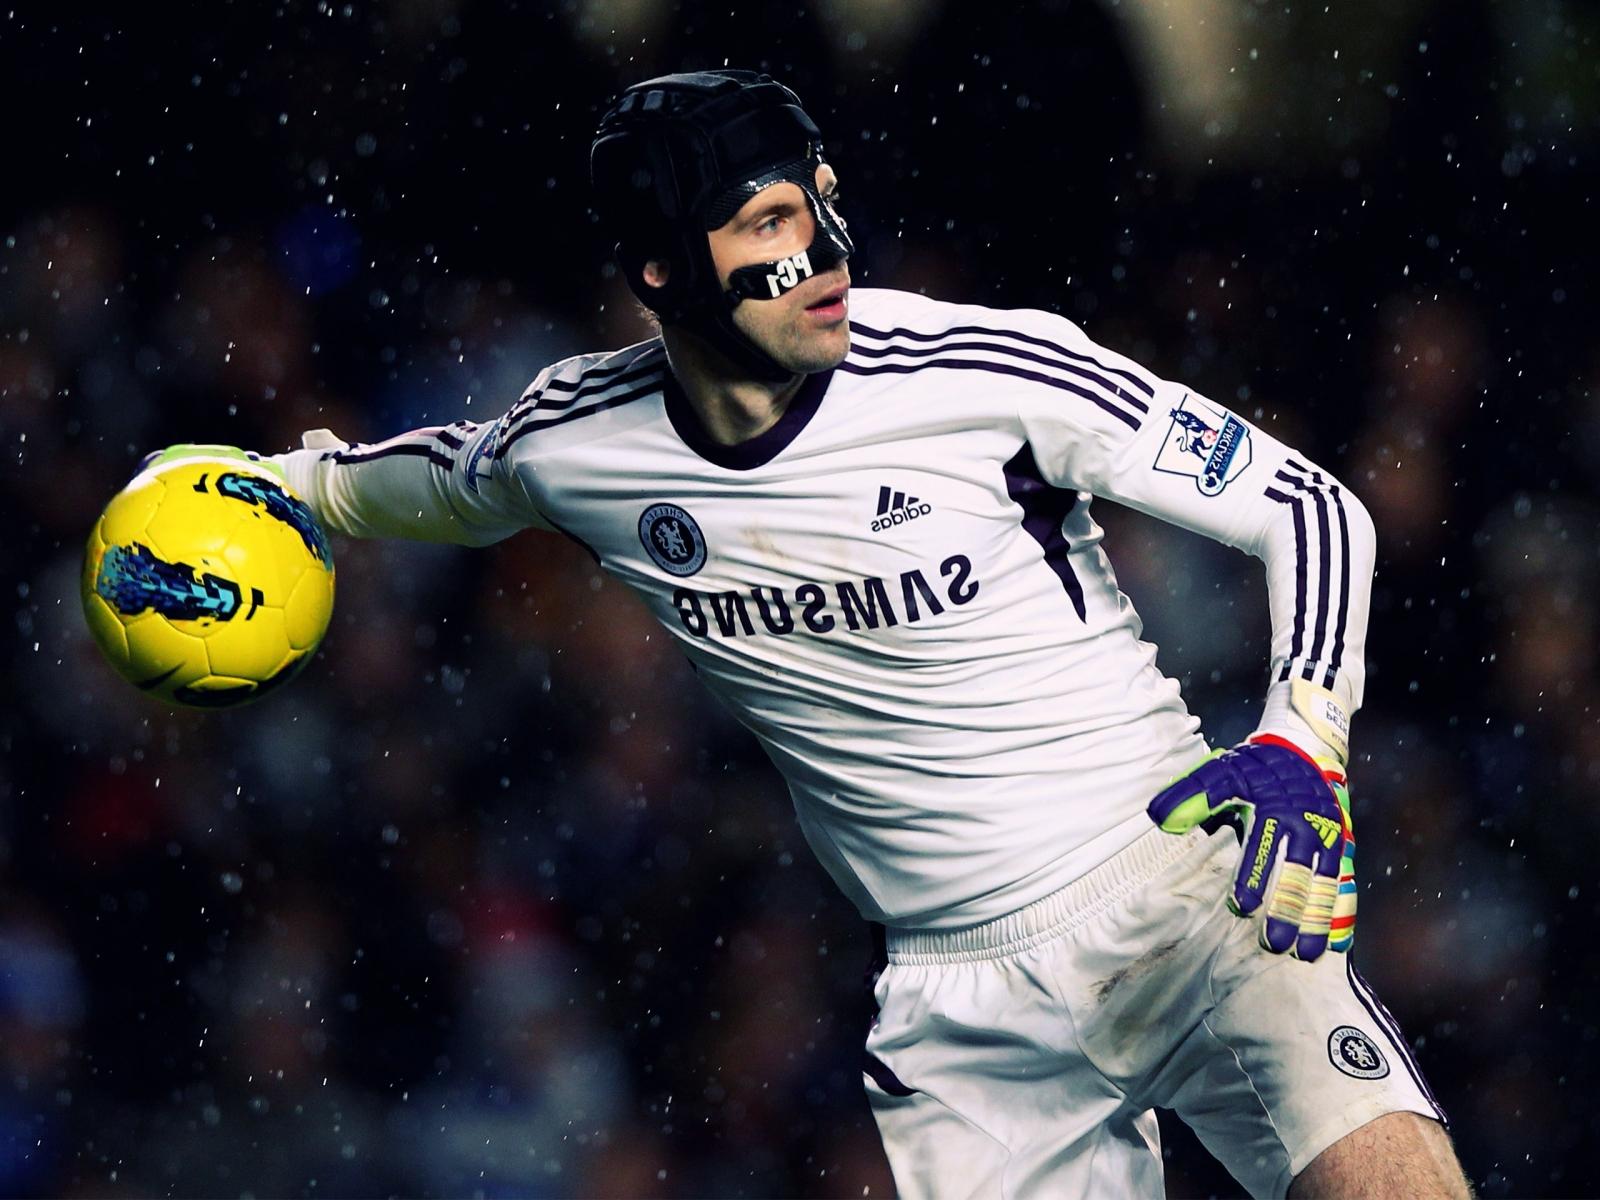 Челси: Игрок Челси Петр Чех бросает мяч